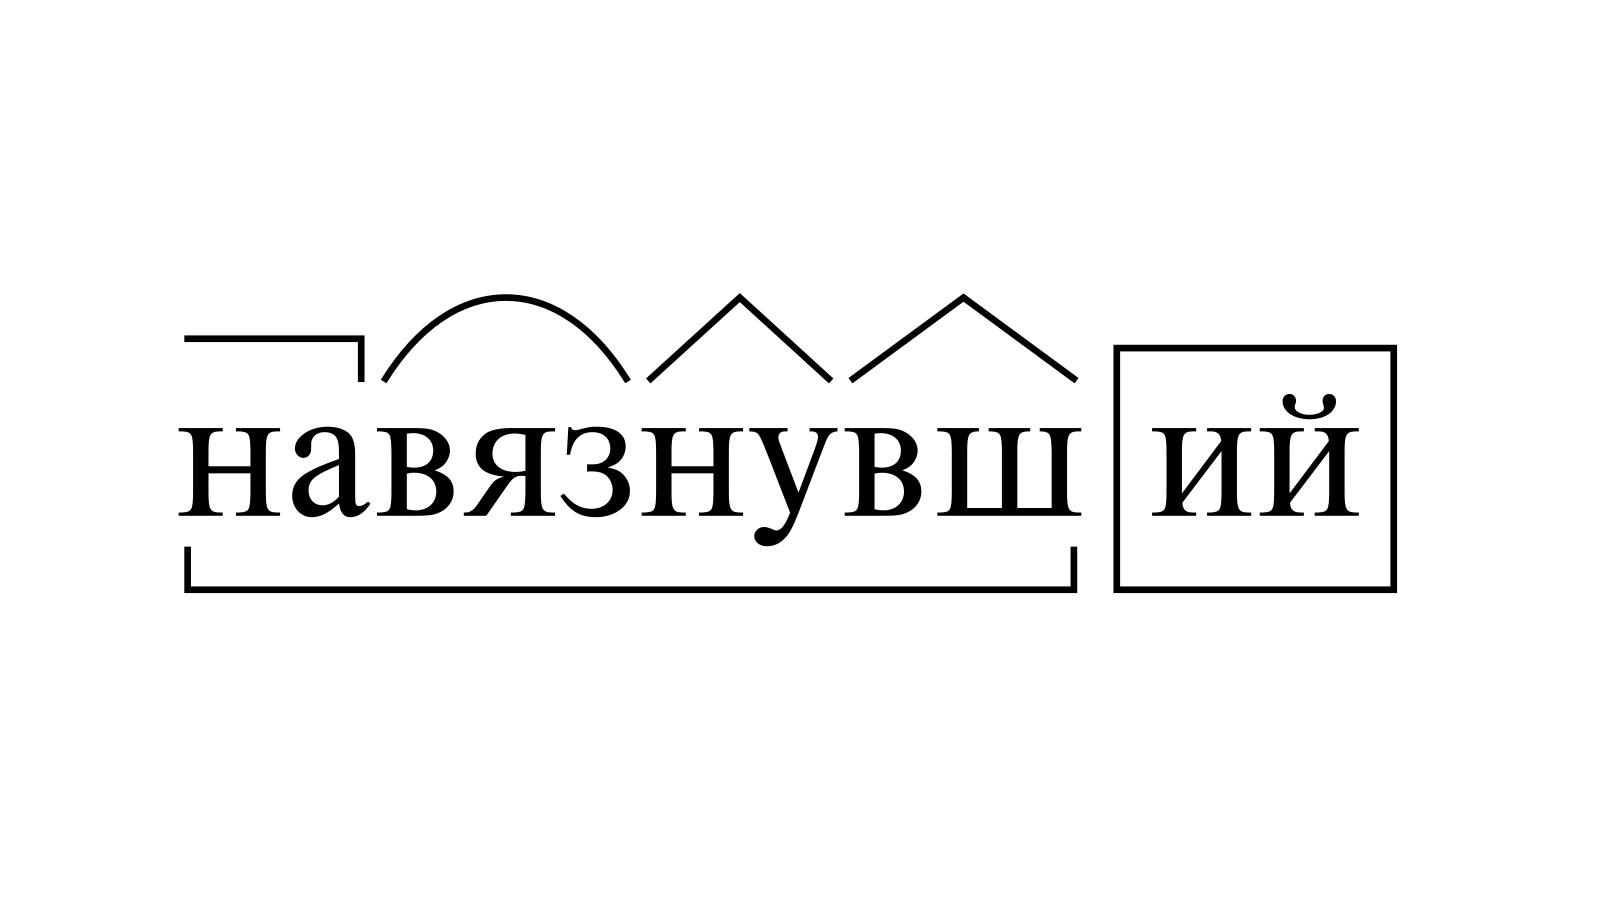 Разбор слова «навязнувший» по составу